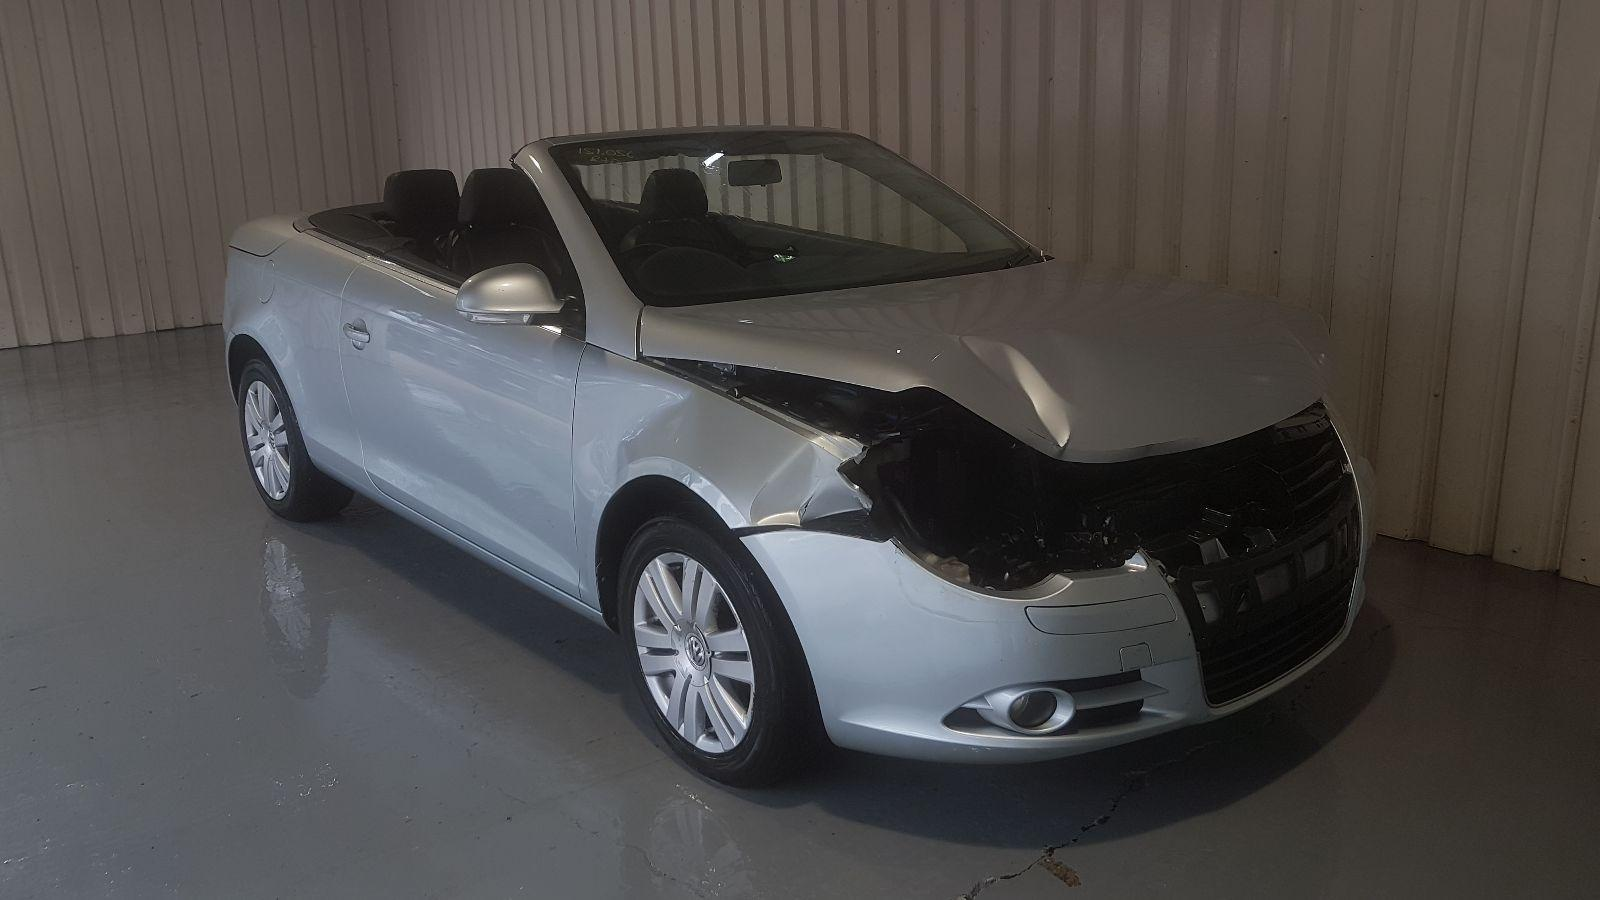 Image for a Volkswagen Eos 2007 2 Door Bodystyle Convertable Breaking